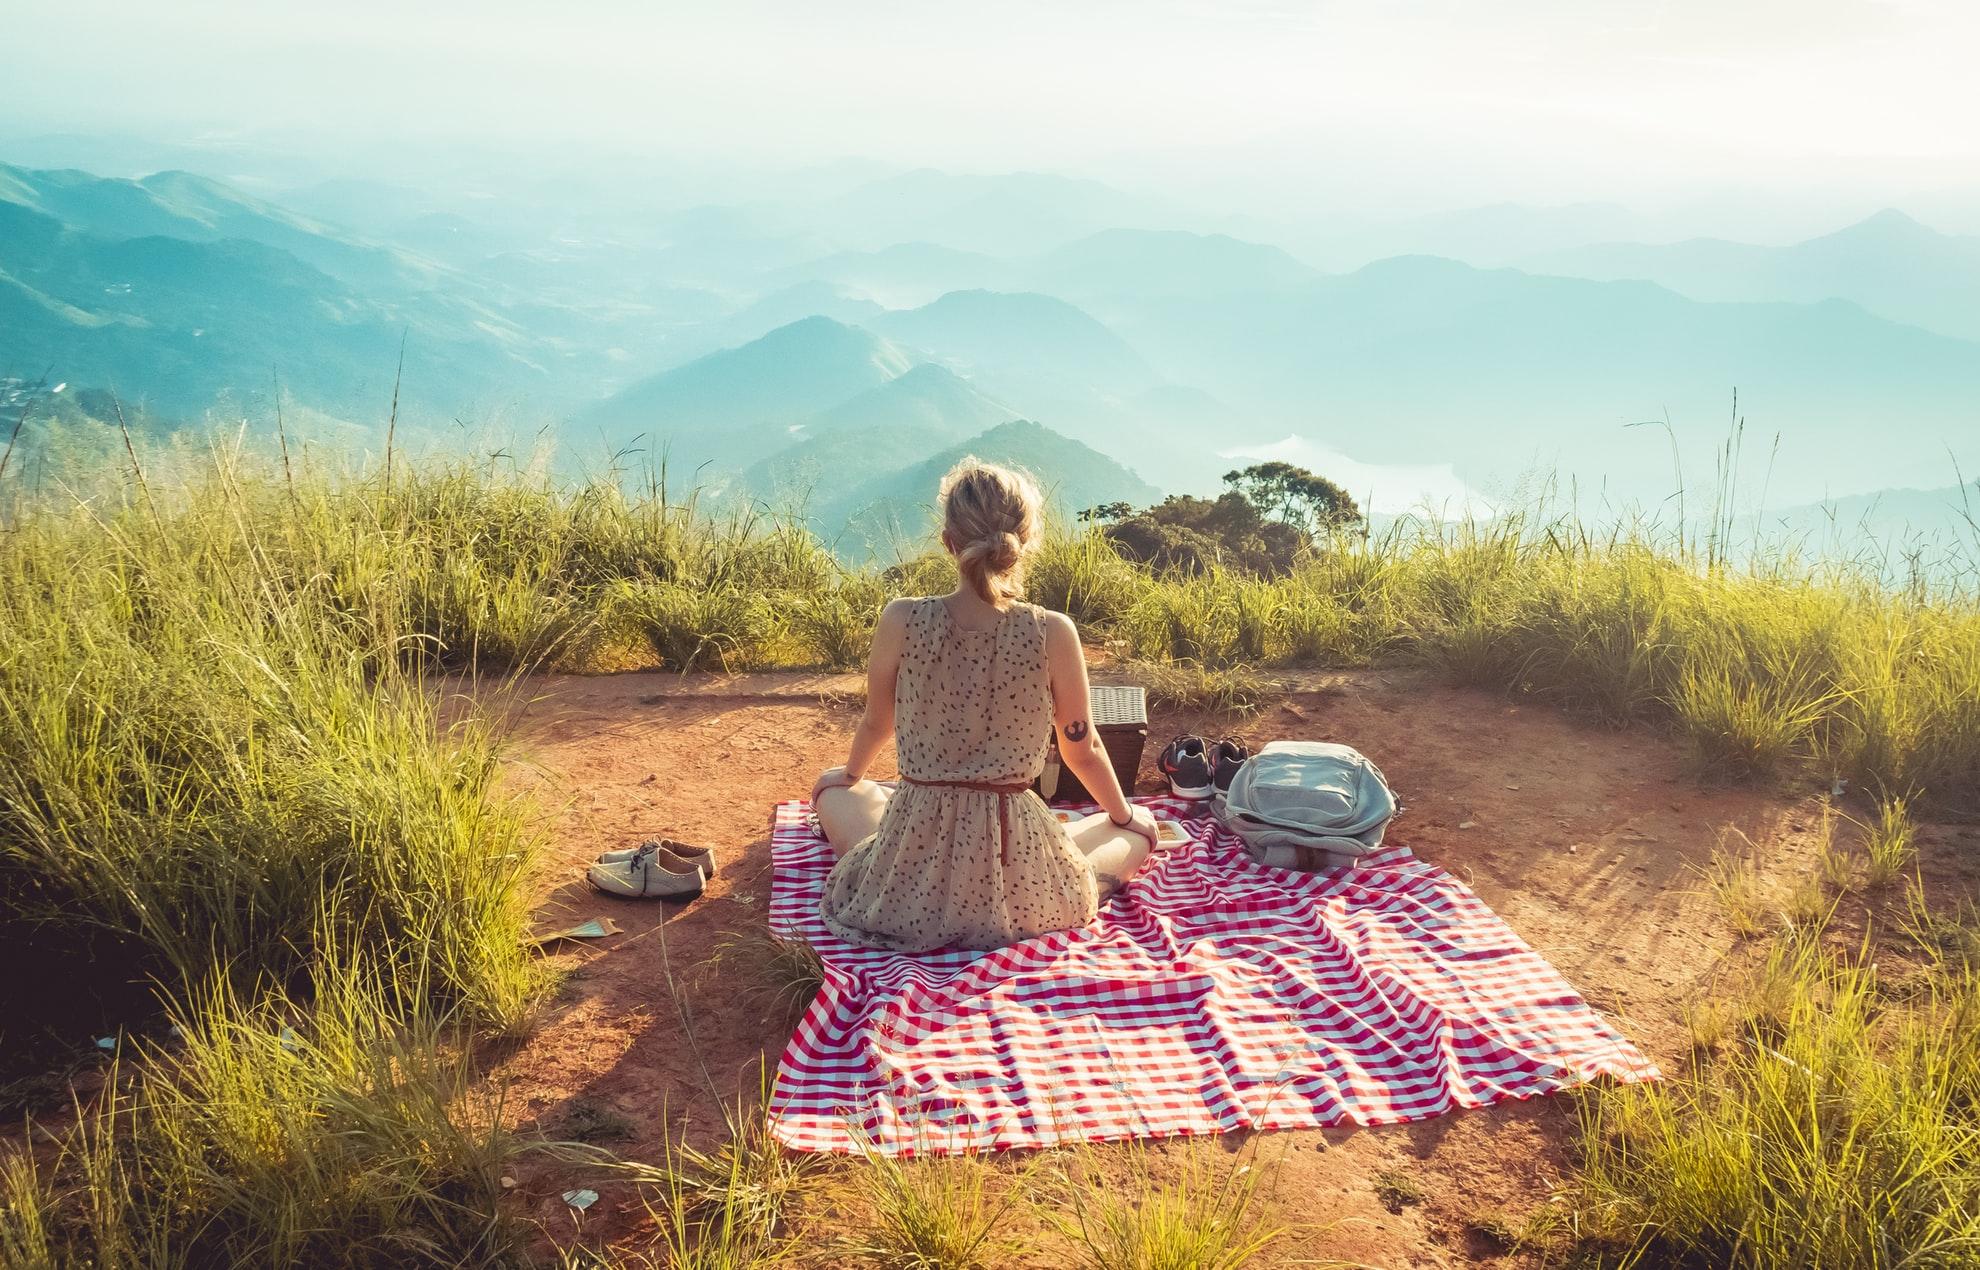 Nuovi turismi: la ricerca dell'autenticità